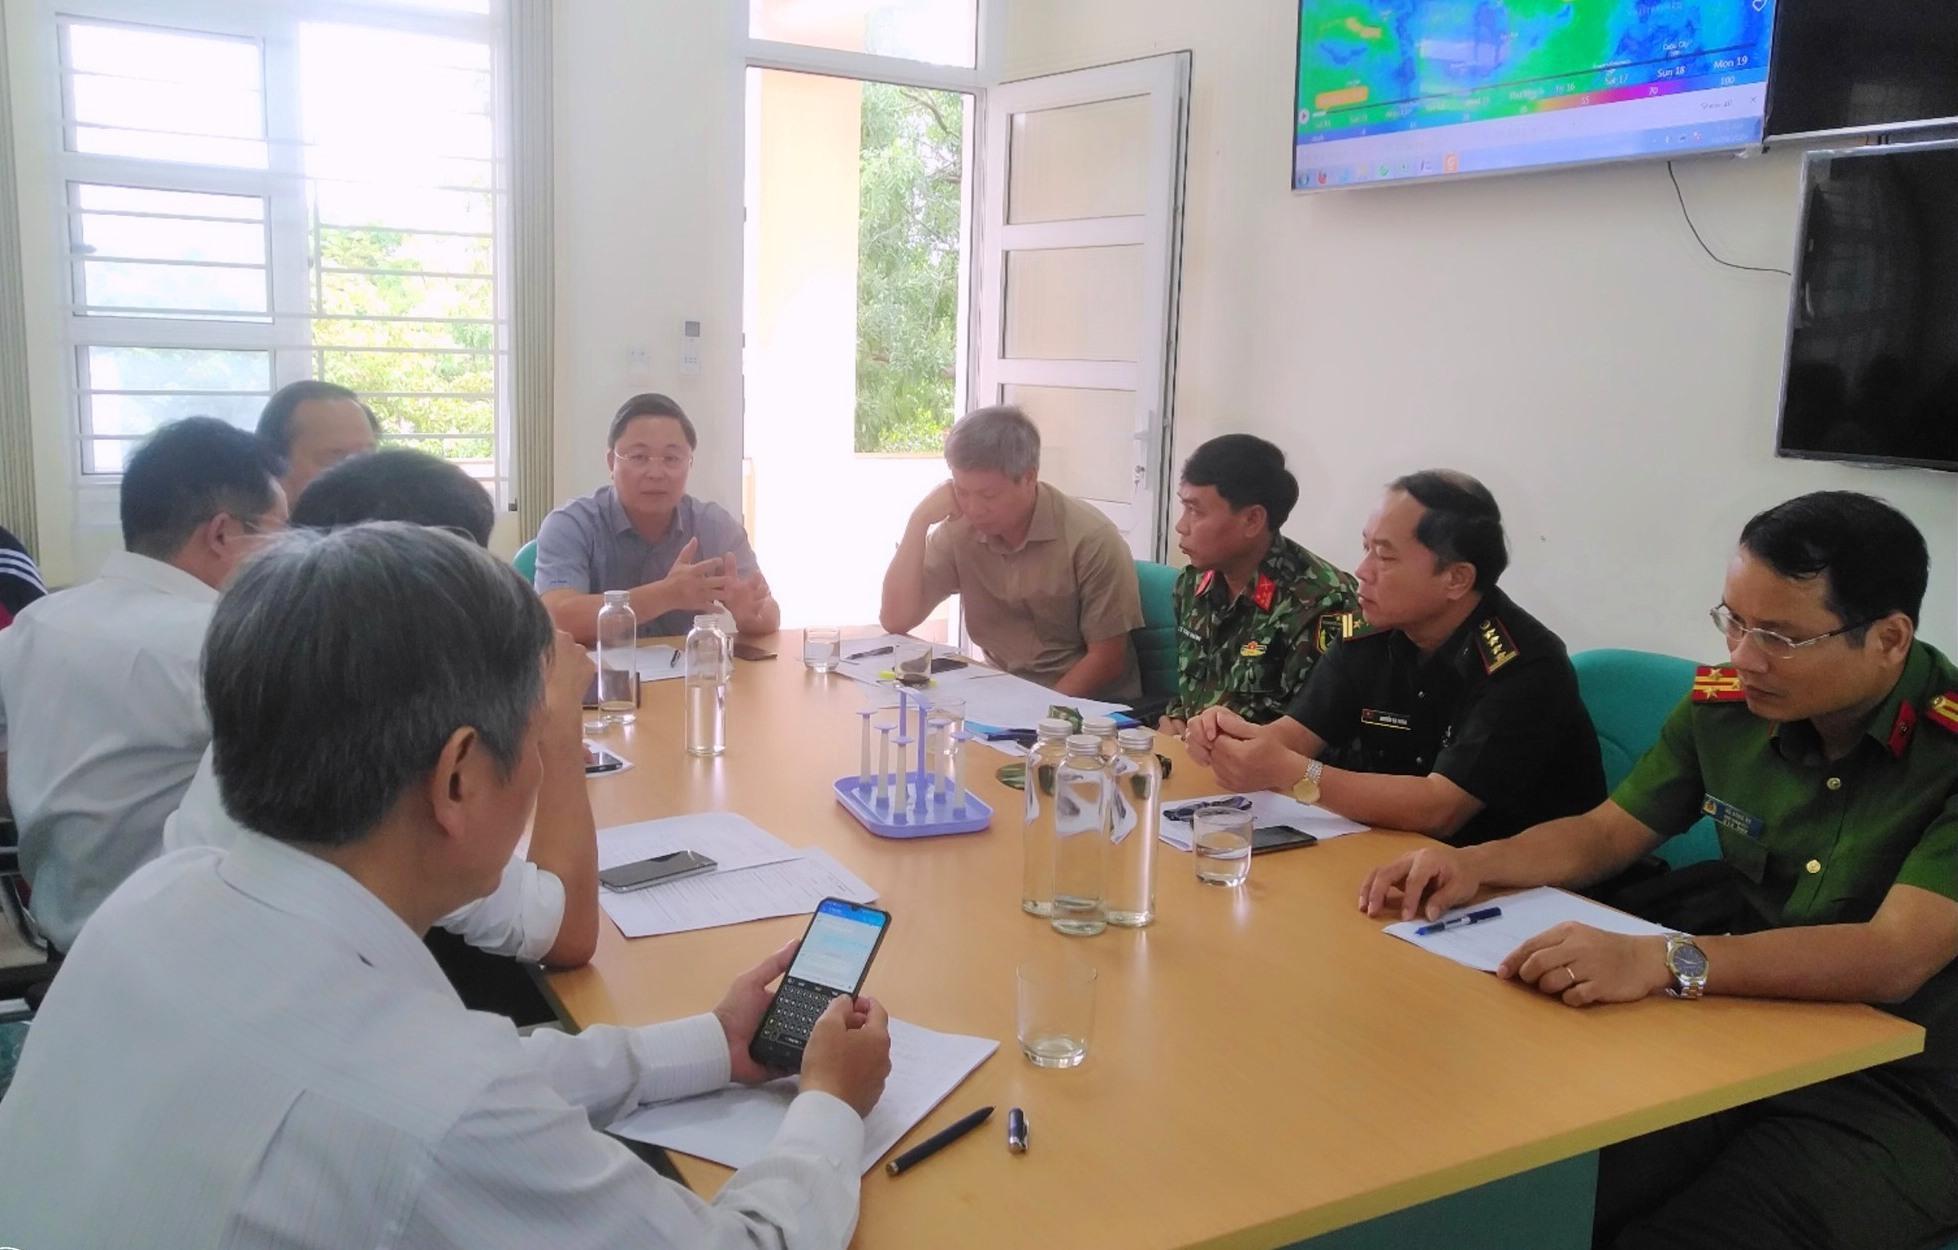 Chủ tịch UBND tỉnh Lê Trí Thanh chủ trì cuộc họp với Ban Chỉ huy PCTT và TKCN tỉnh. Ảnh: M.L